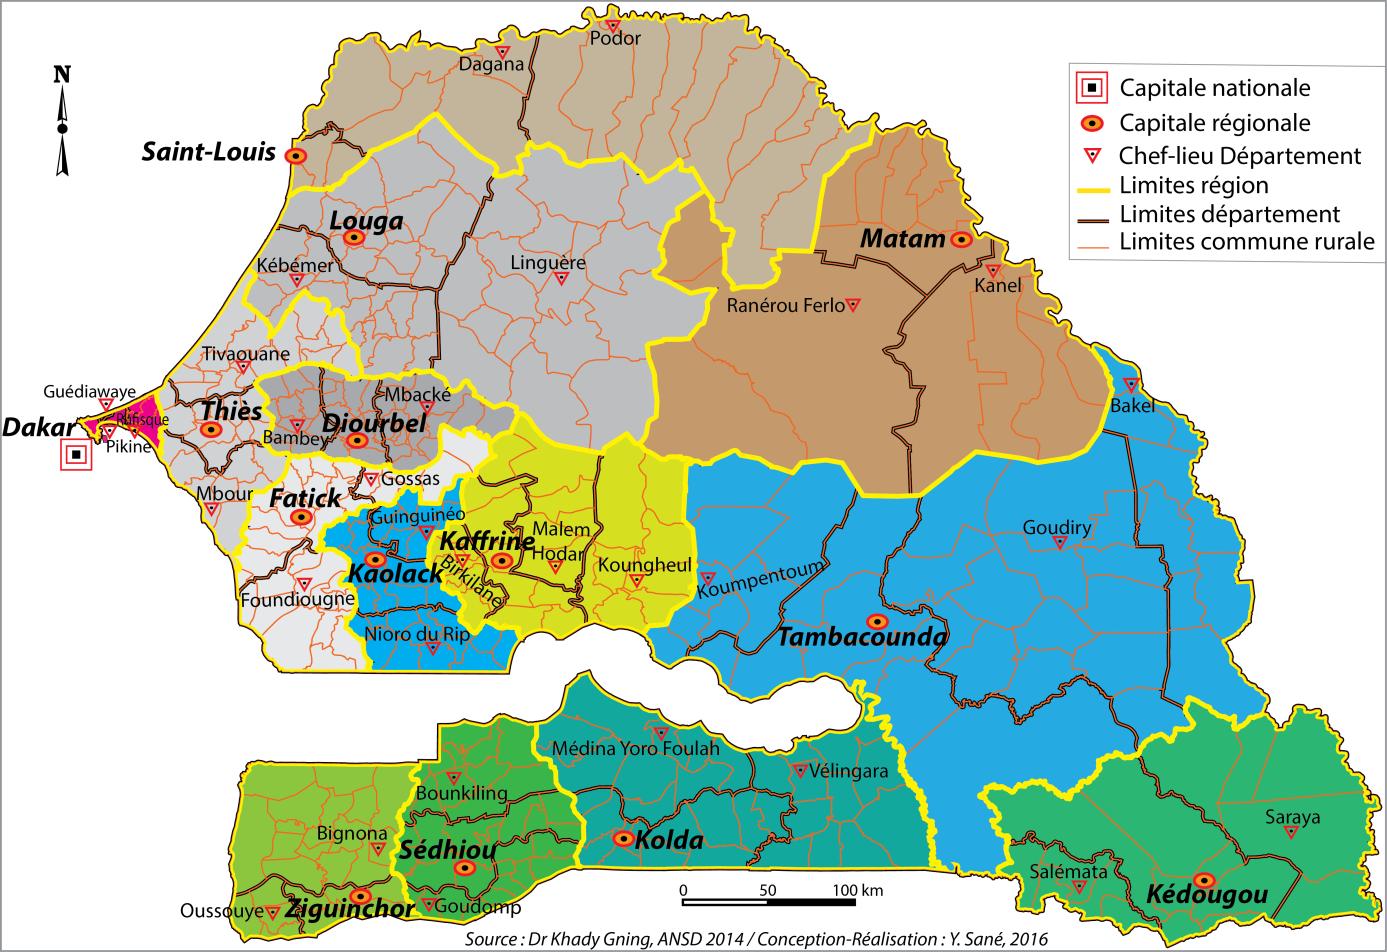 Le Sénégal, une gouvernance linguistique qui freine l'émergence (Mbacké Diagne)